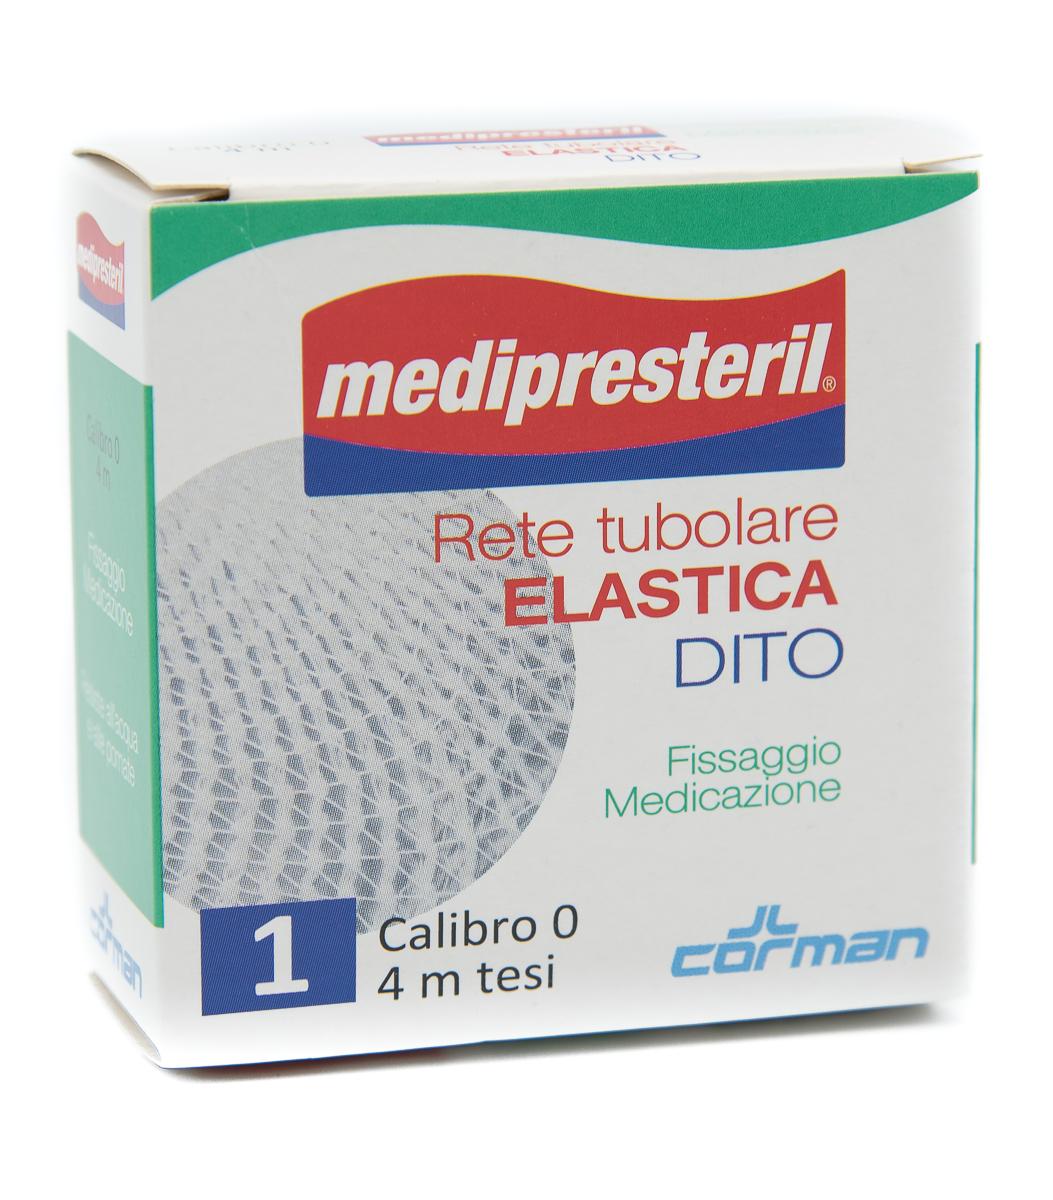 CORMAN SpA Medipresteril Rete Tubolare Elastica Dito Calibro 0 4 Metri 1pz